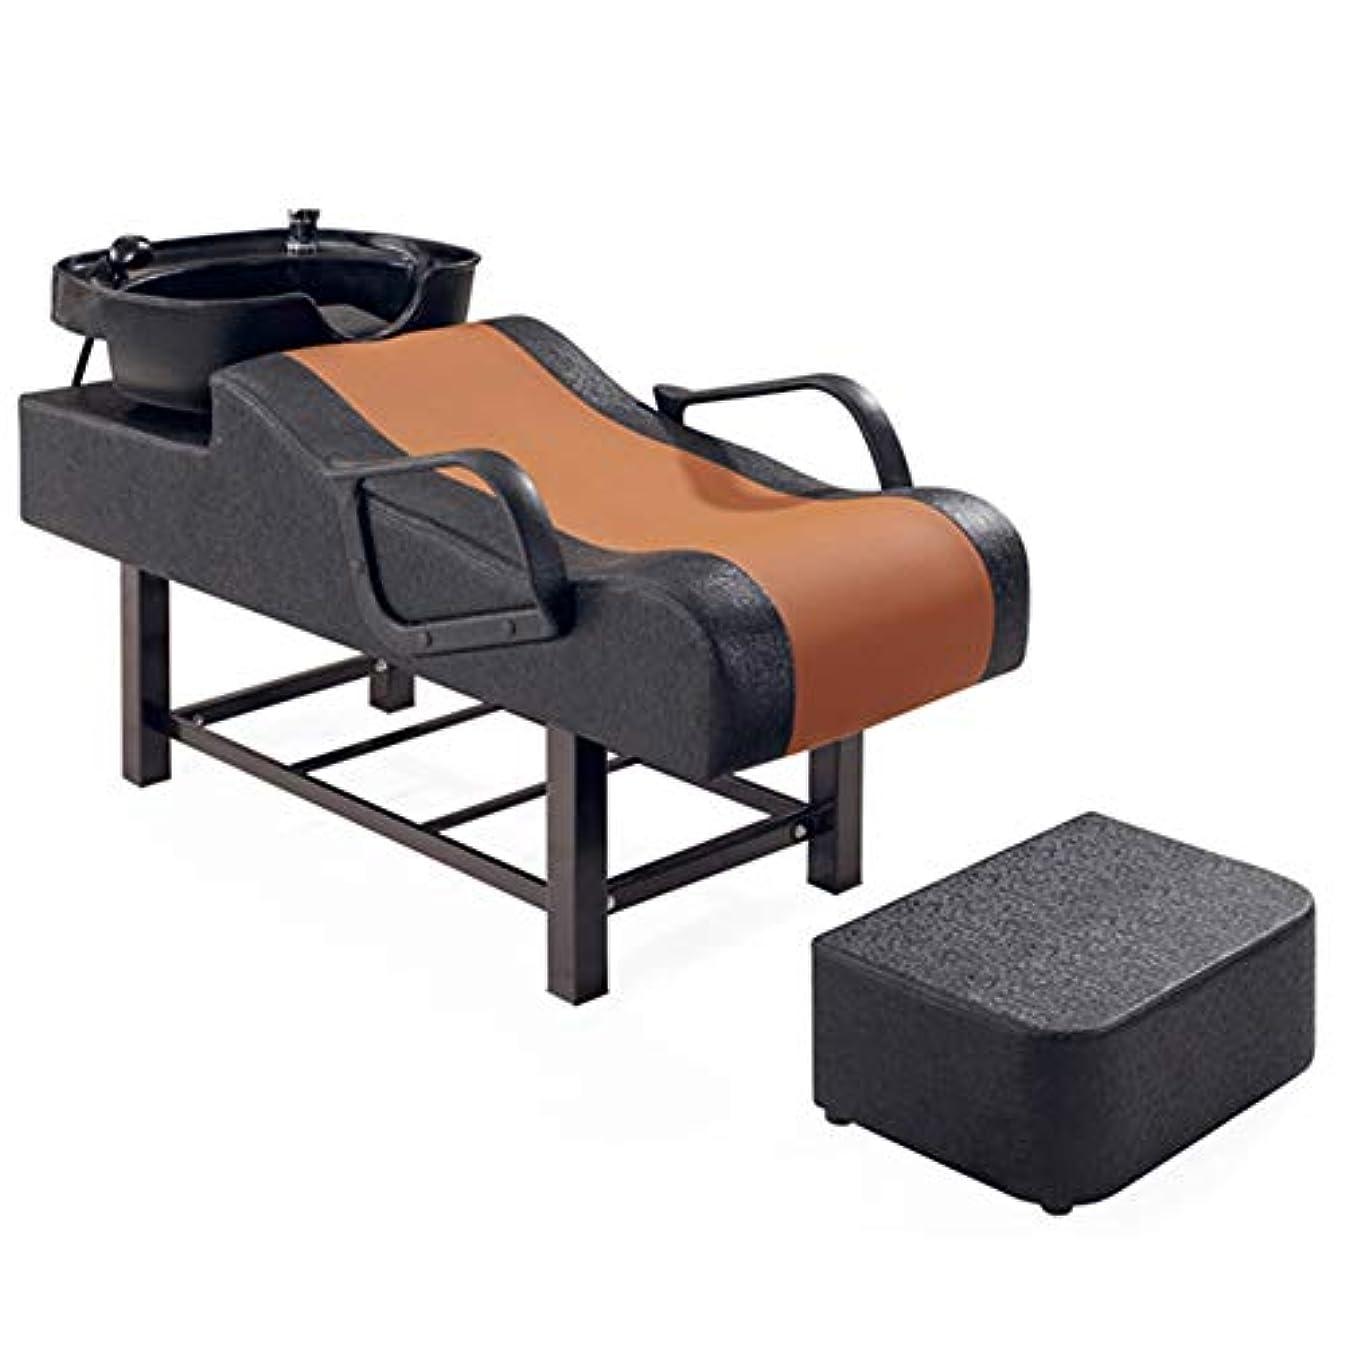 第彫刻家正しいシャンプーの理髪師の逆洗の椅子、鉱泉の美容院の穿孔器のベッドのためのシャンプーボールの流しの椅子